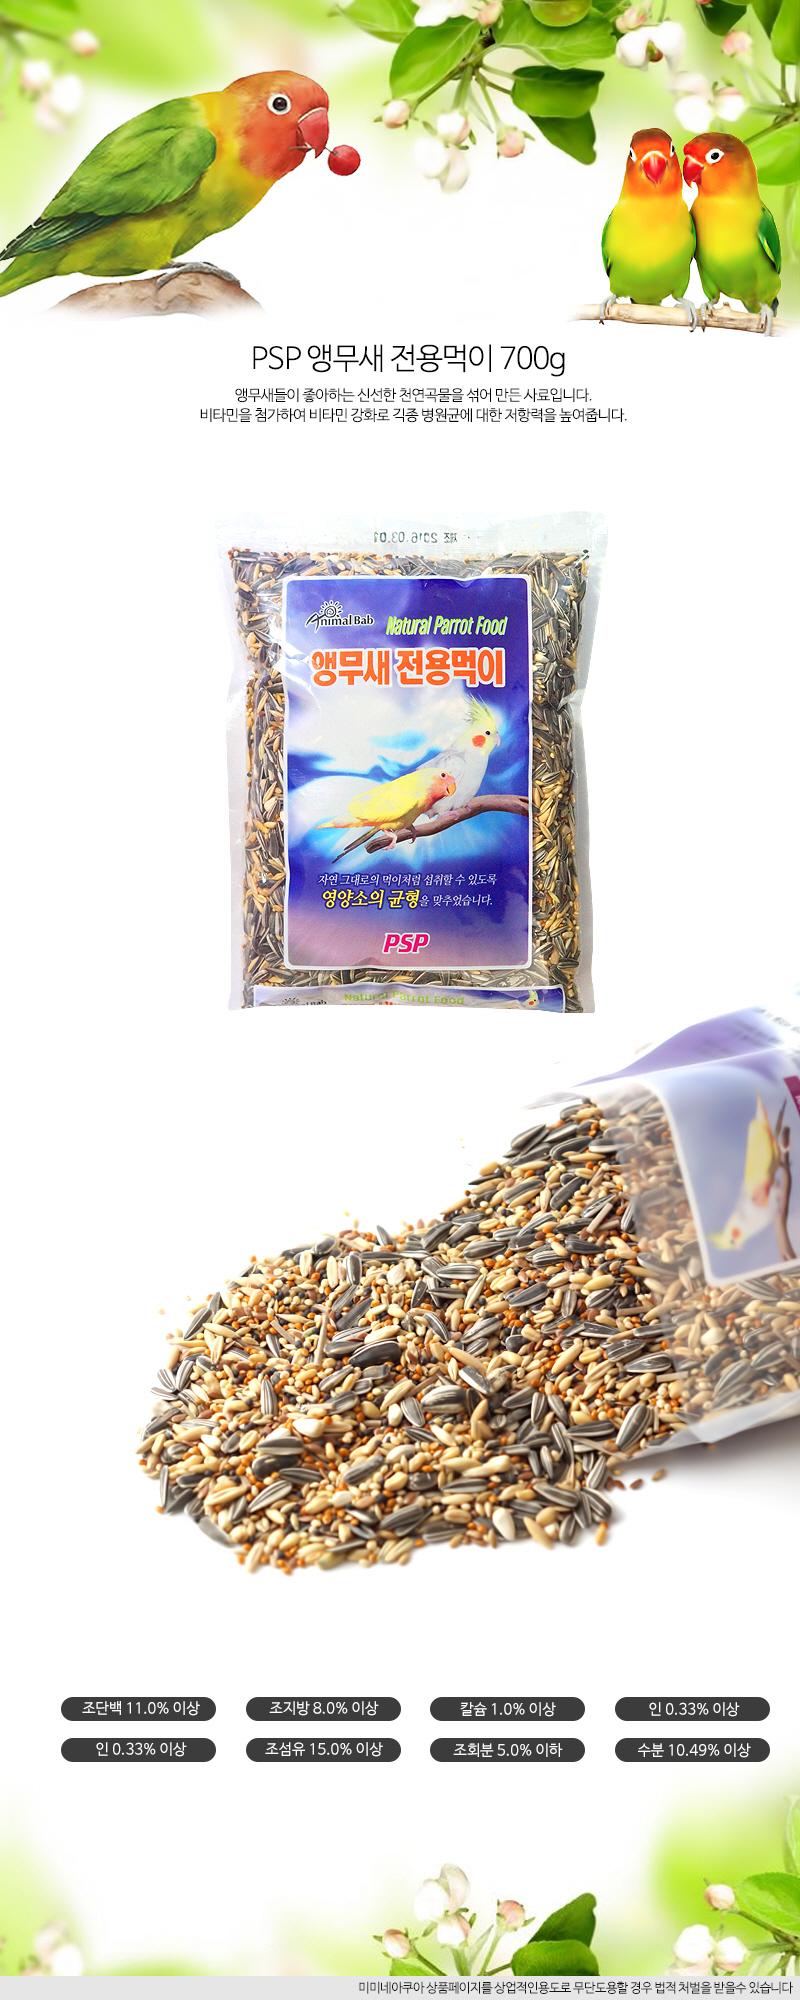 PSP 내츄럴 앵무새사료 x 3개 - (앵무새모이 새먹이) - 미미네아쿠아, 9,000원, 조류용품, 사료/모이